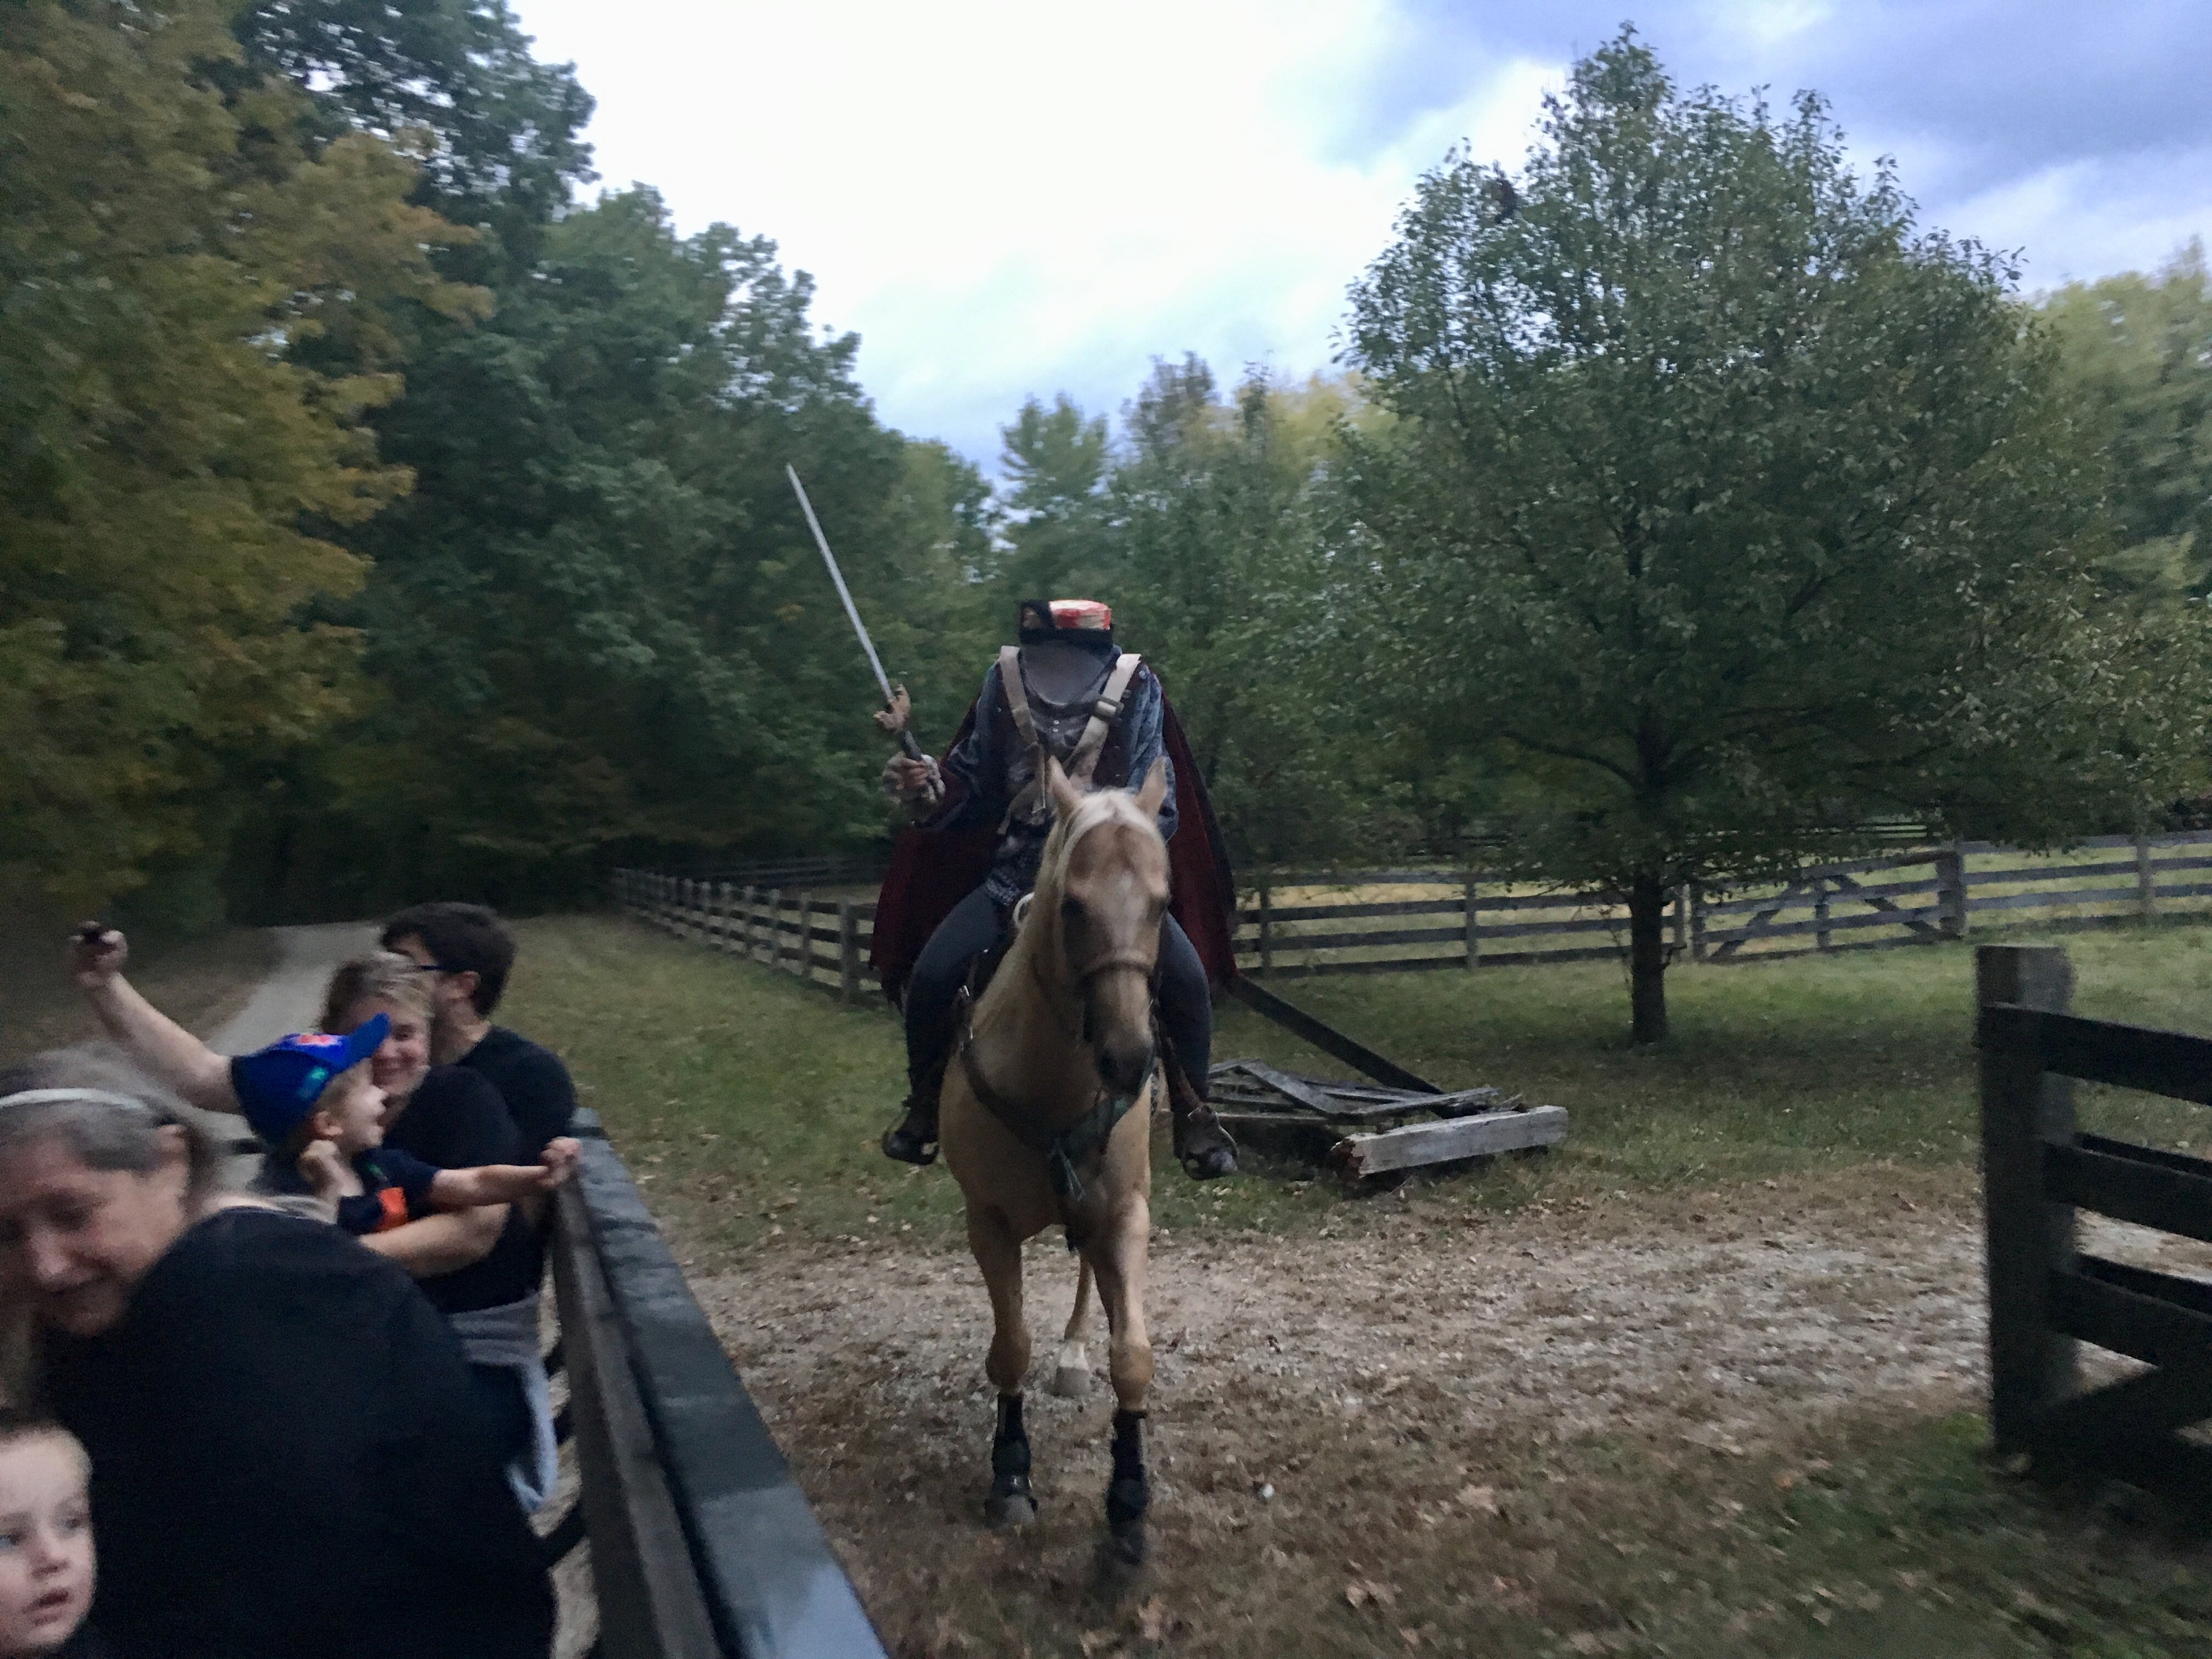 Conner Prairie Headless Horseman Festival